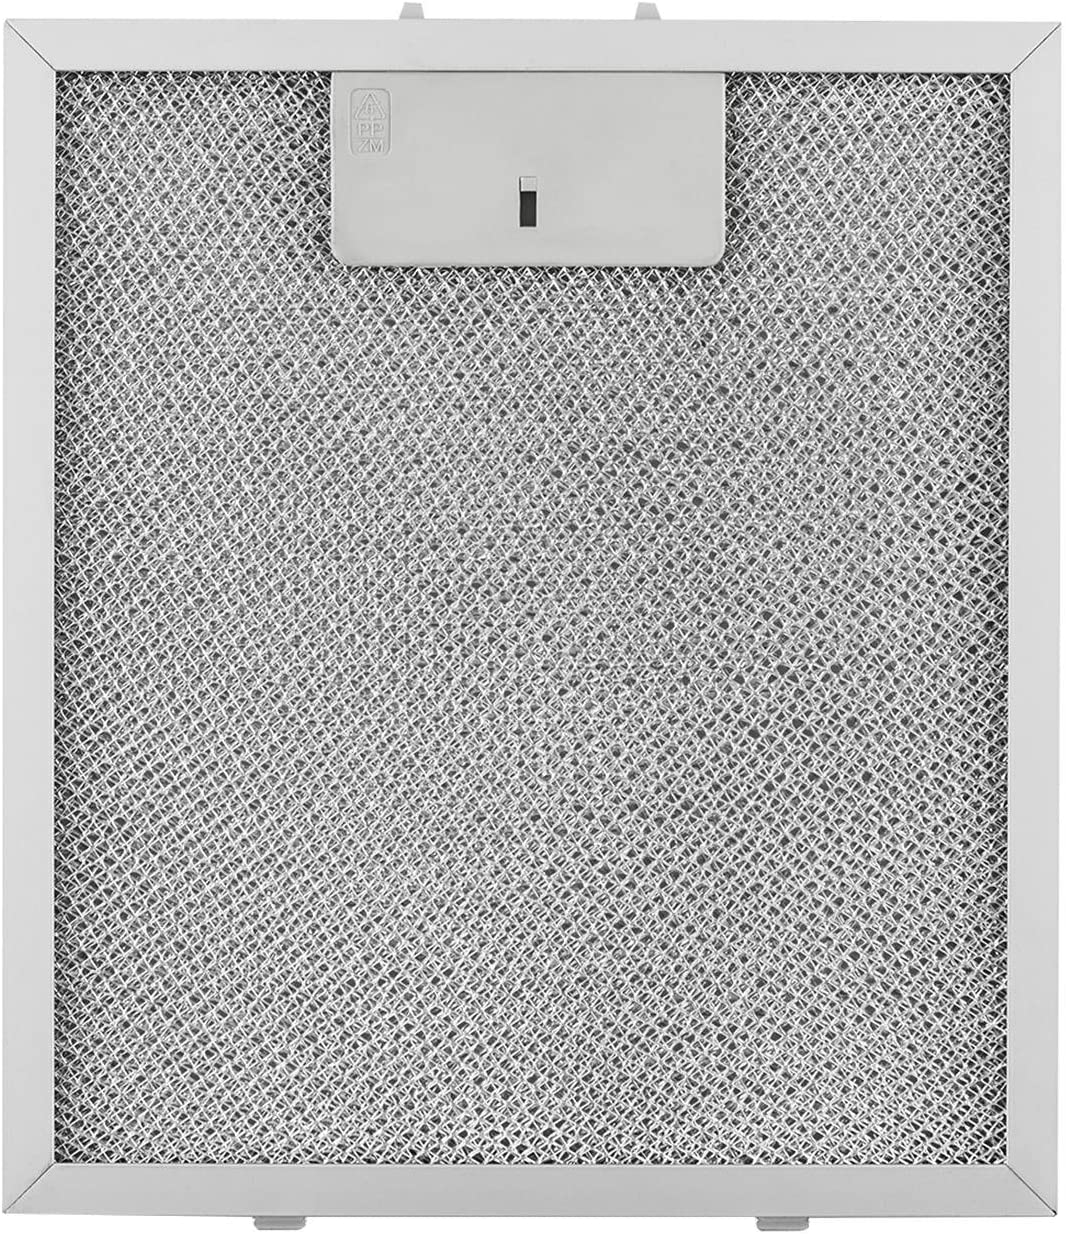 energizzare Pulse u86-e2-be u86e2be tipo 1 Genuine Vax Ricambio Cinghia Kit